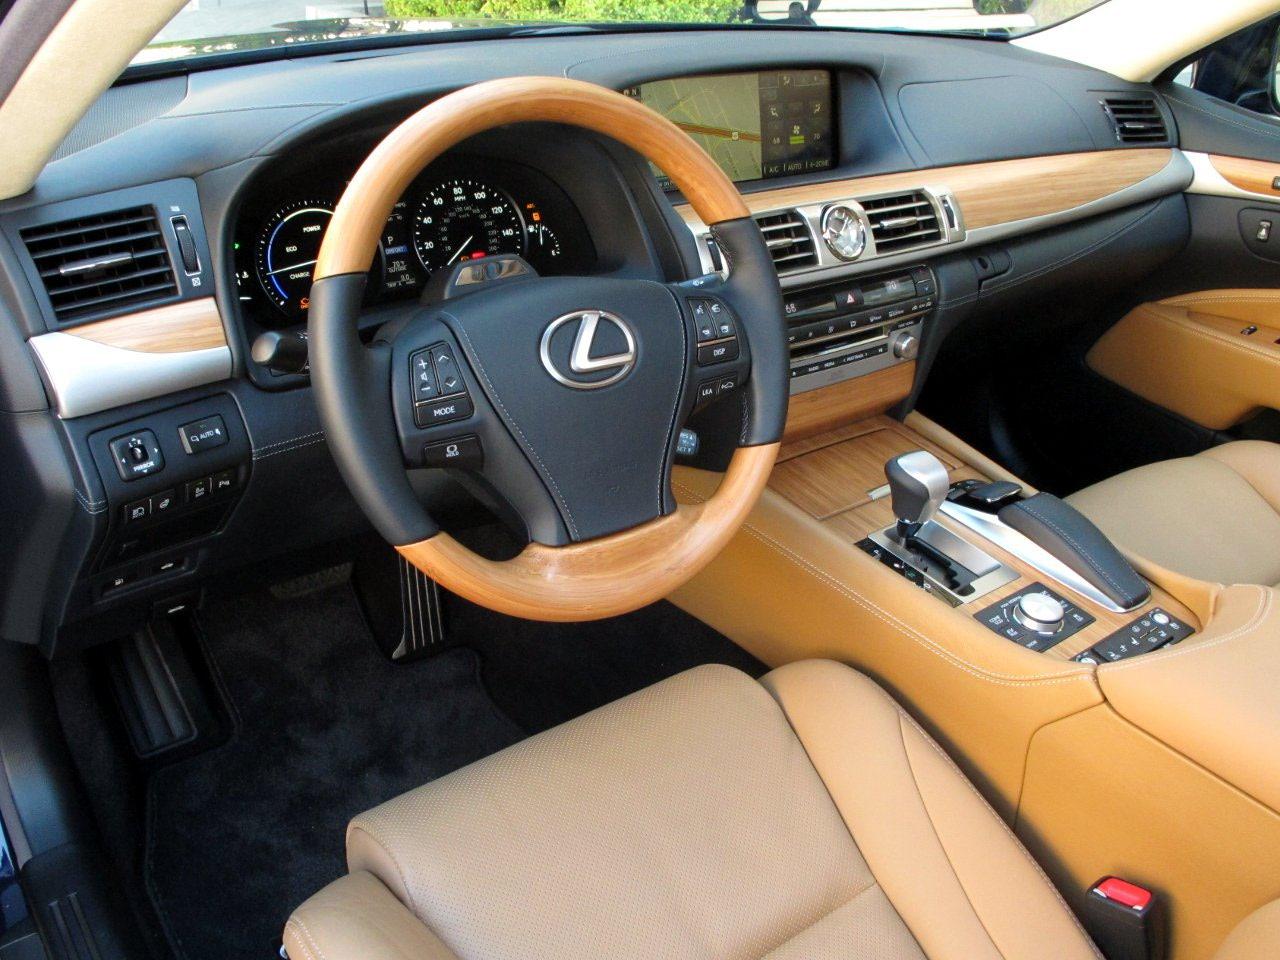 http://2.bp.blogspot.com/-JutLoNbb83M/UMsZeoJGs1I/AAAAAAAAFvE/zfKdcDTLMOw/s1600/2013+Lexus+LS+600h+L+4.JPG